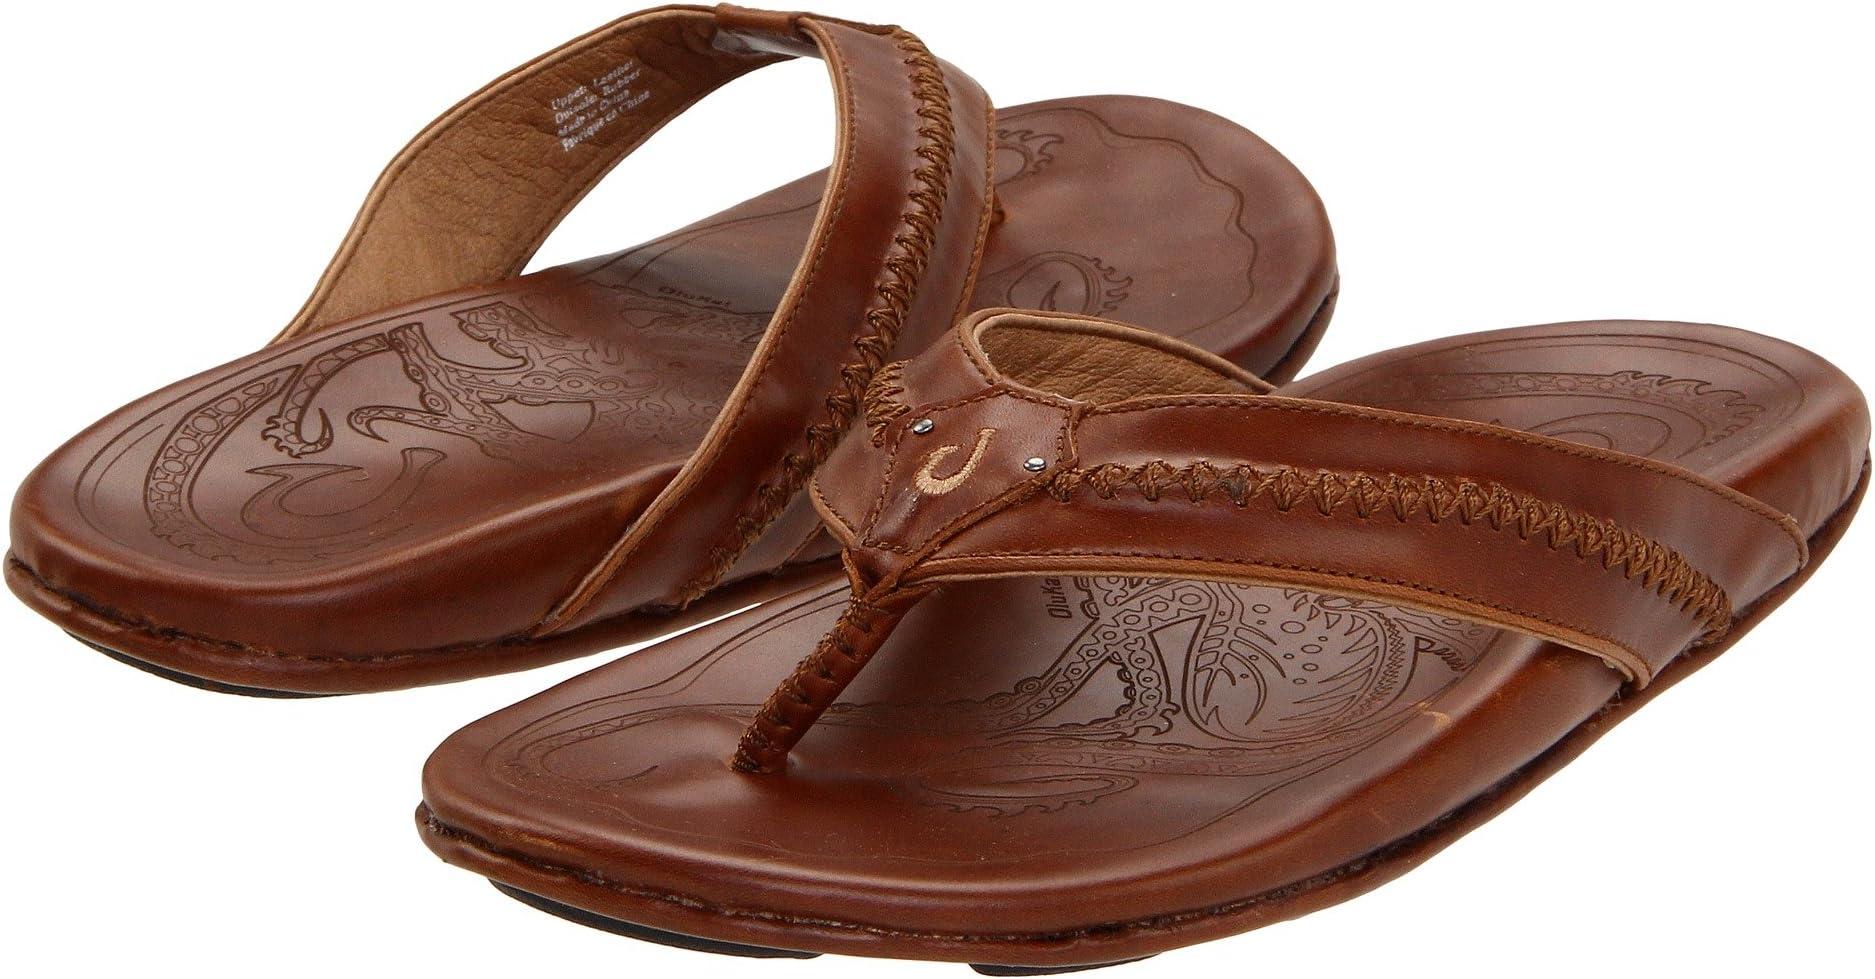 b23584fe6 OluKai Sandals